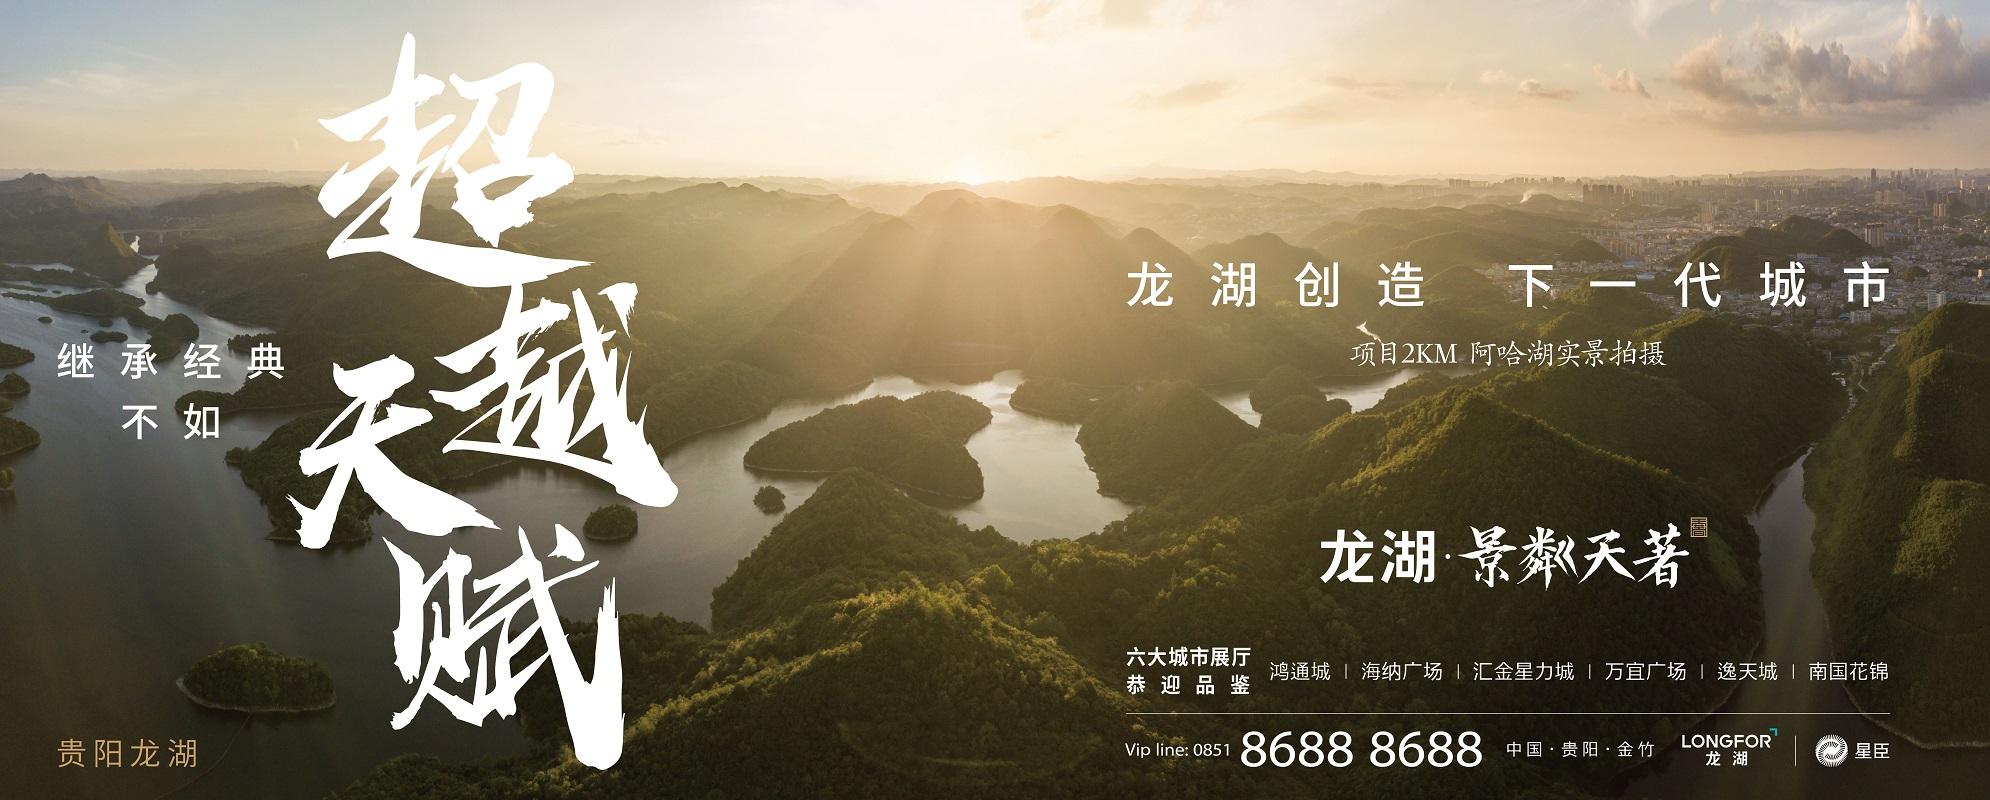 """龙湖·景粼天著,唤醒贵阳人""""舒居""""情节"""